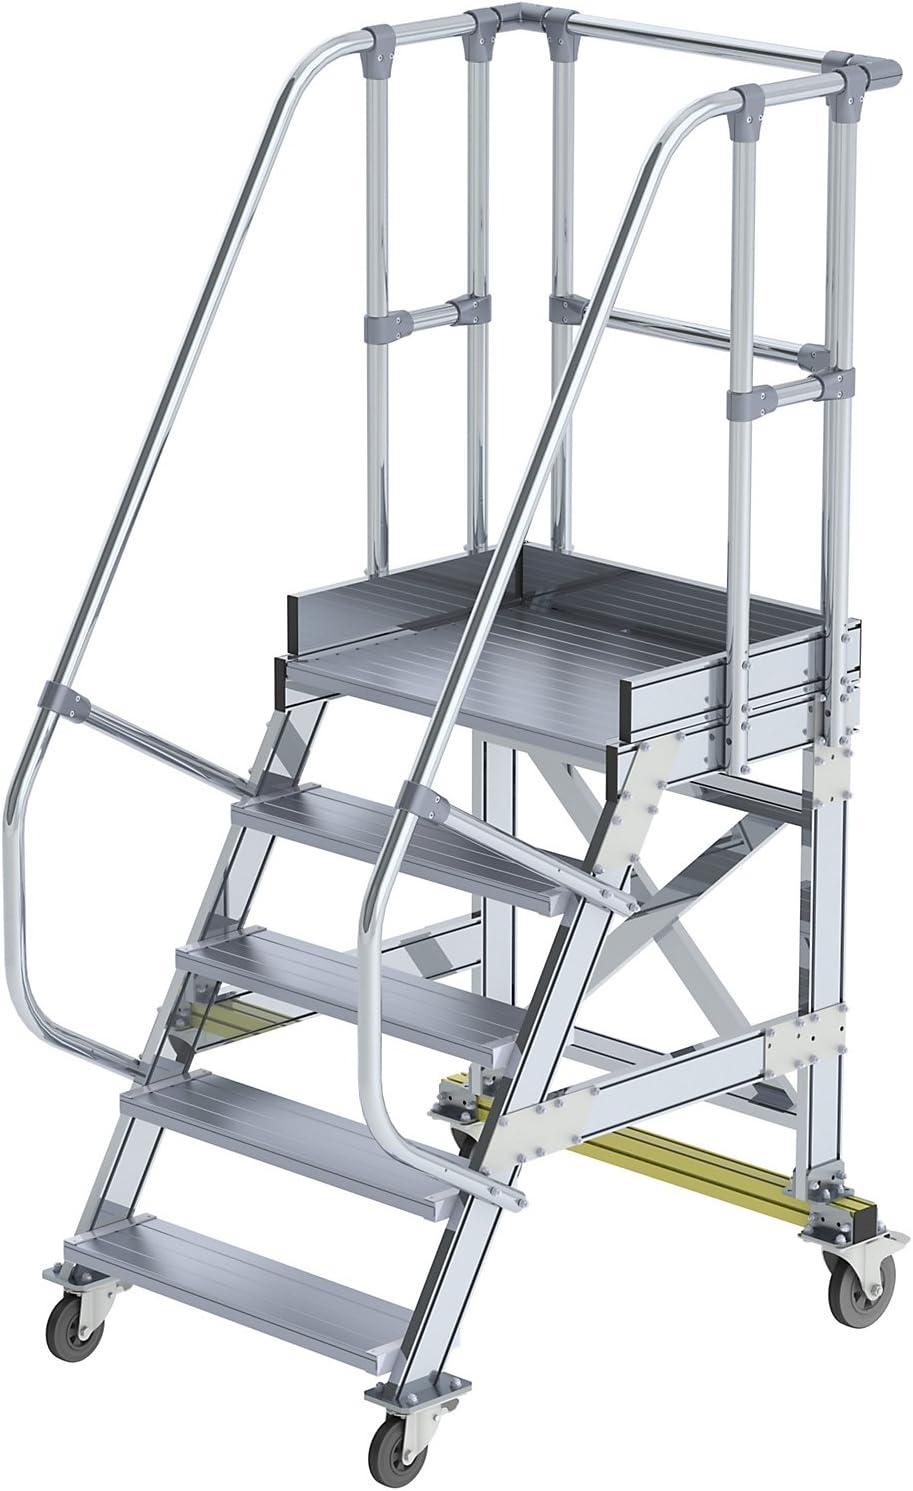 GÜNZBURGER STEIGTECHNIK Escalera de plataforma de aluminio móvil 60° 5 peldaños: Amazon.es: Bricolaje y herramientas